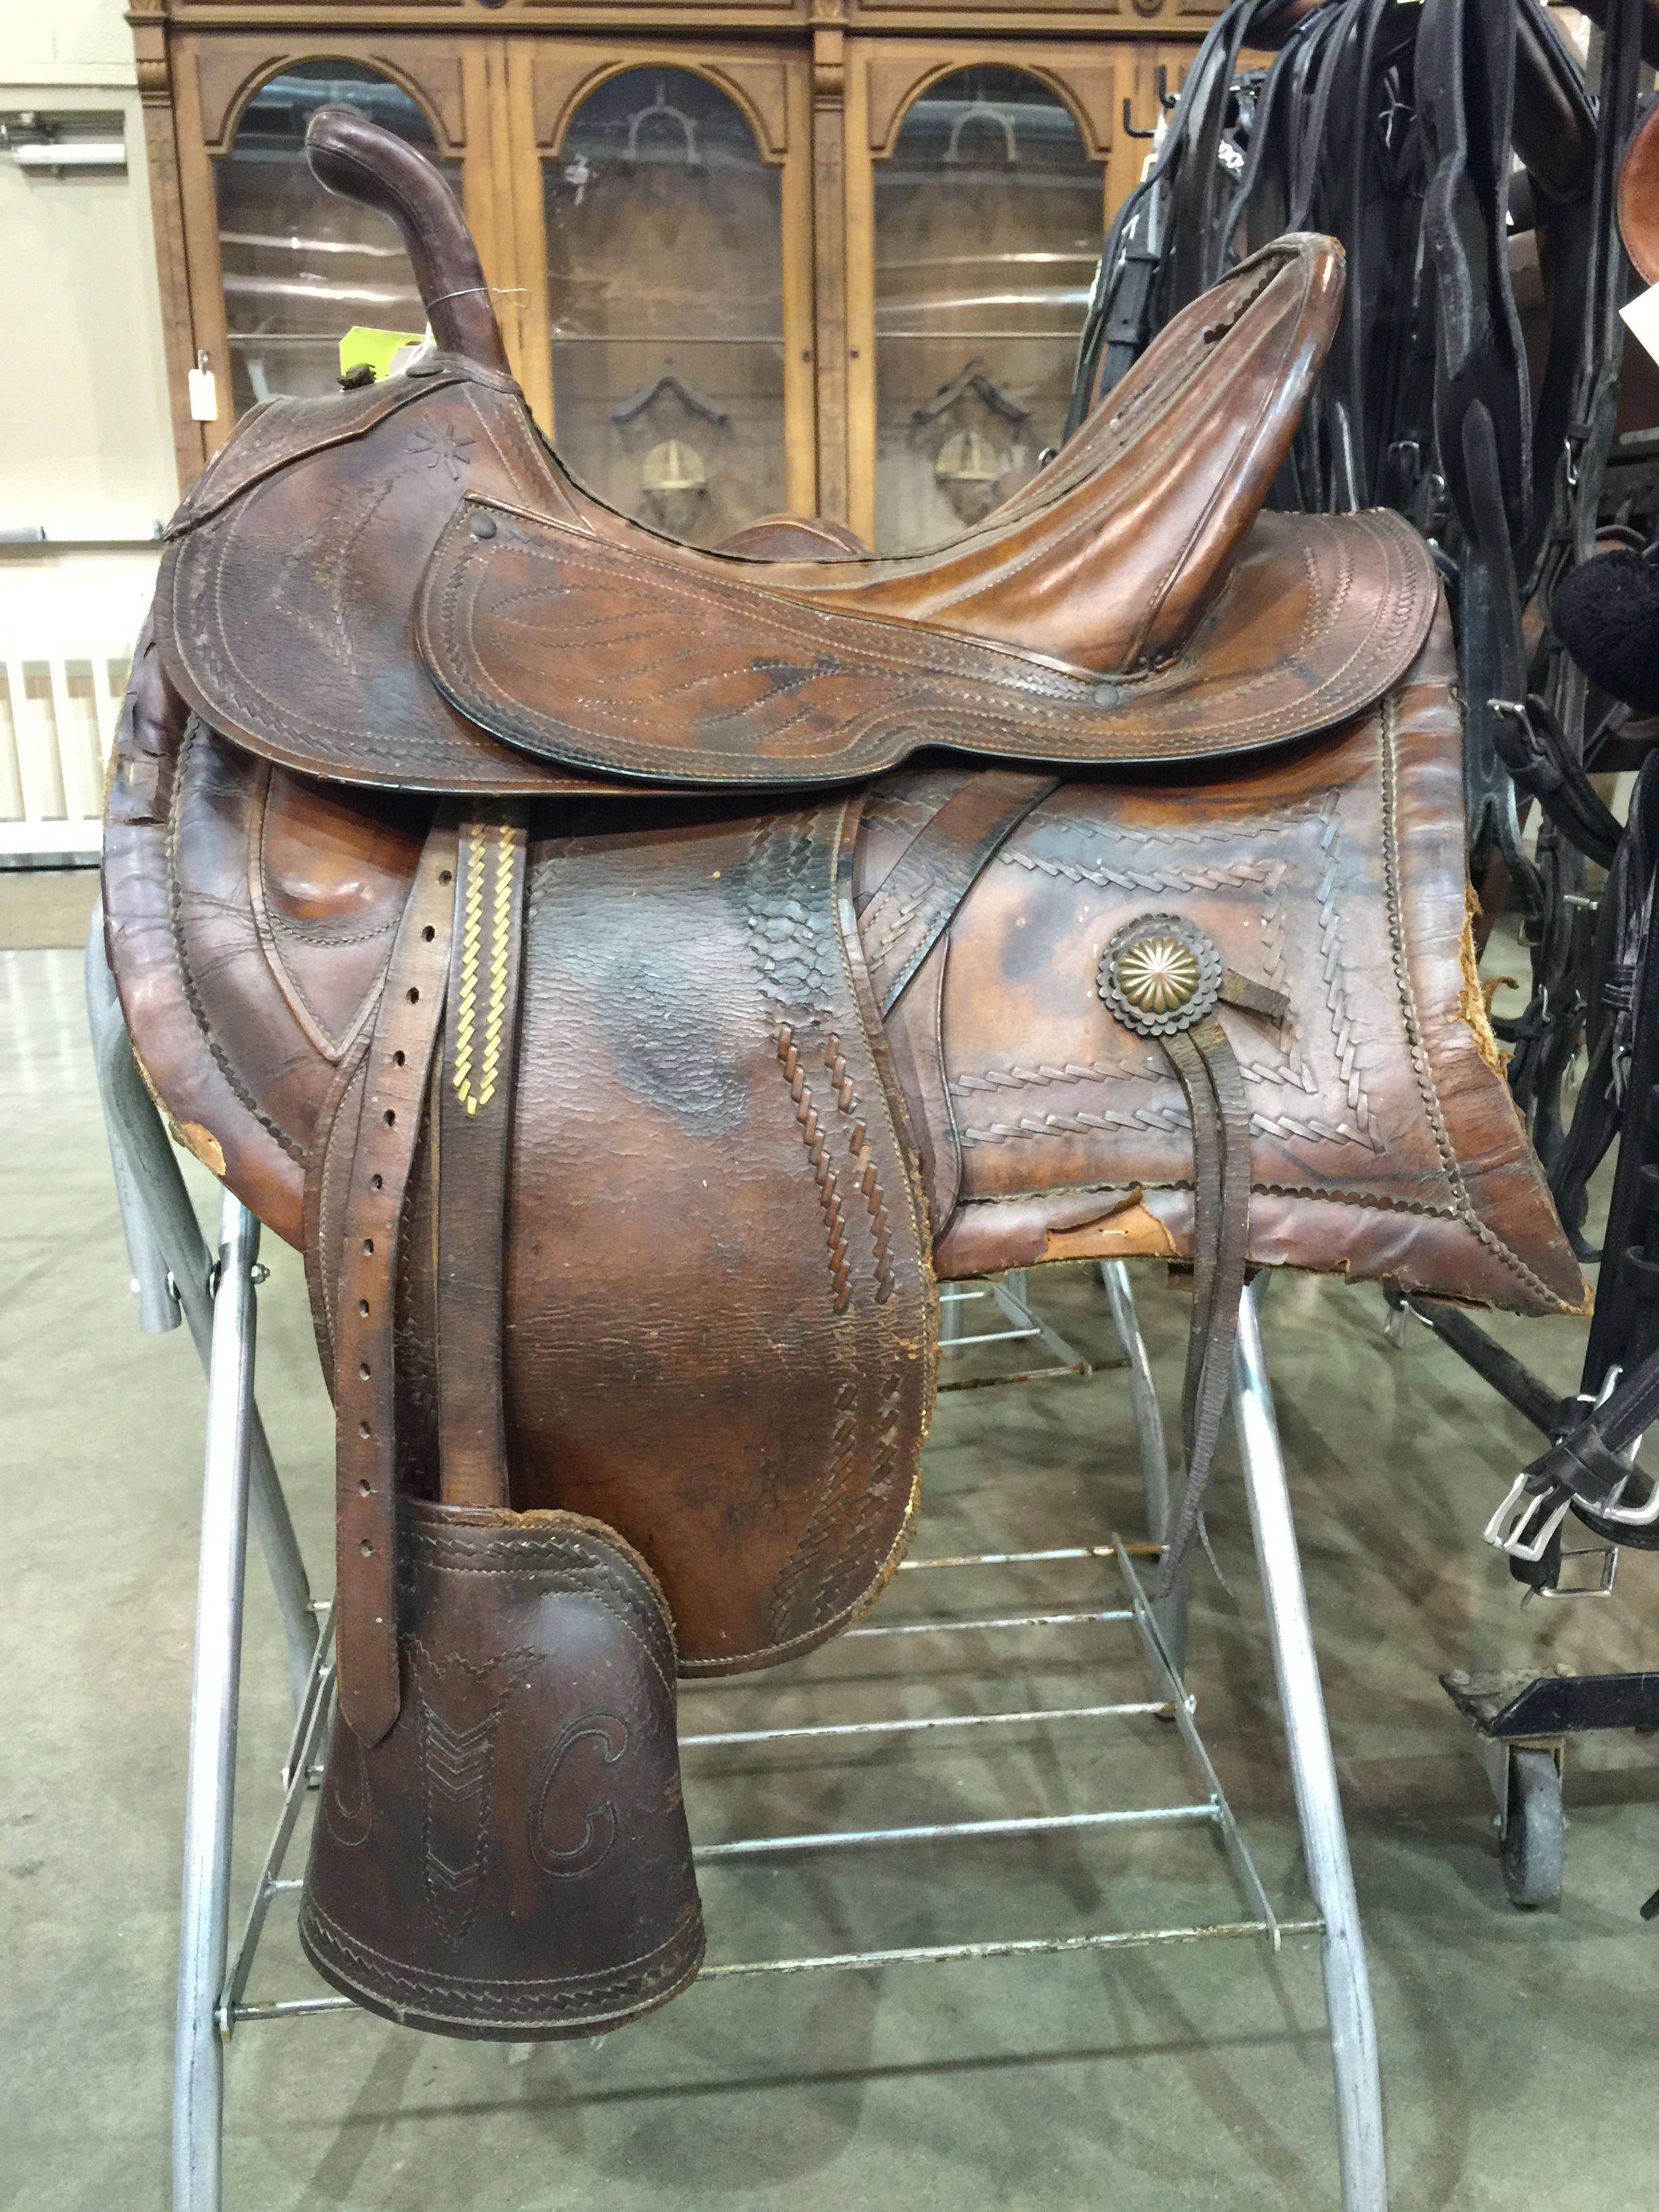 Antique German Military Saddle Saddles Leather Saddle Fitting